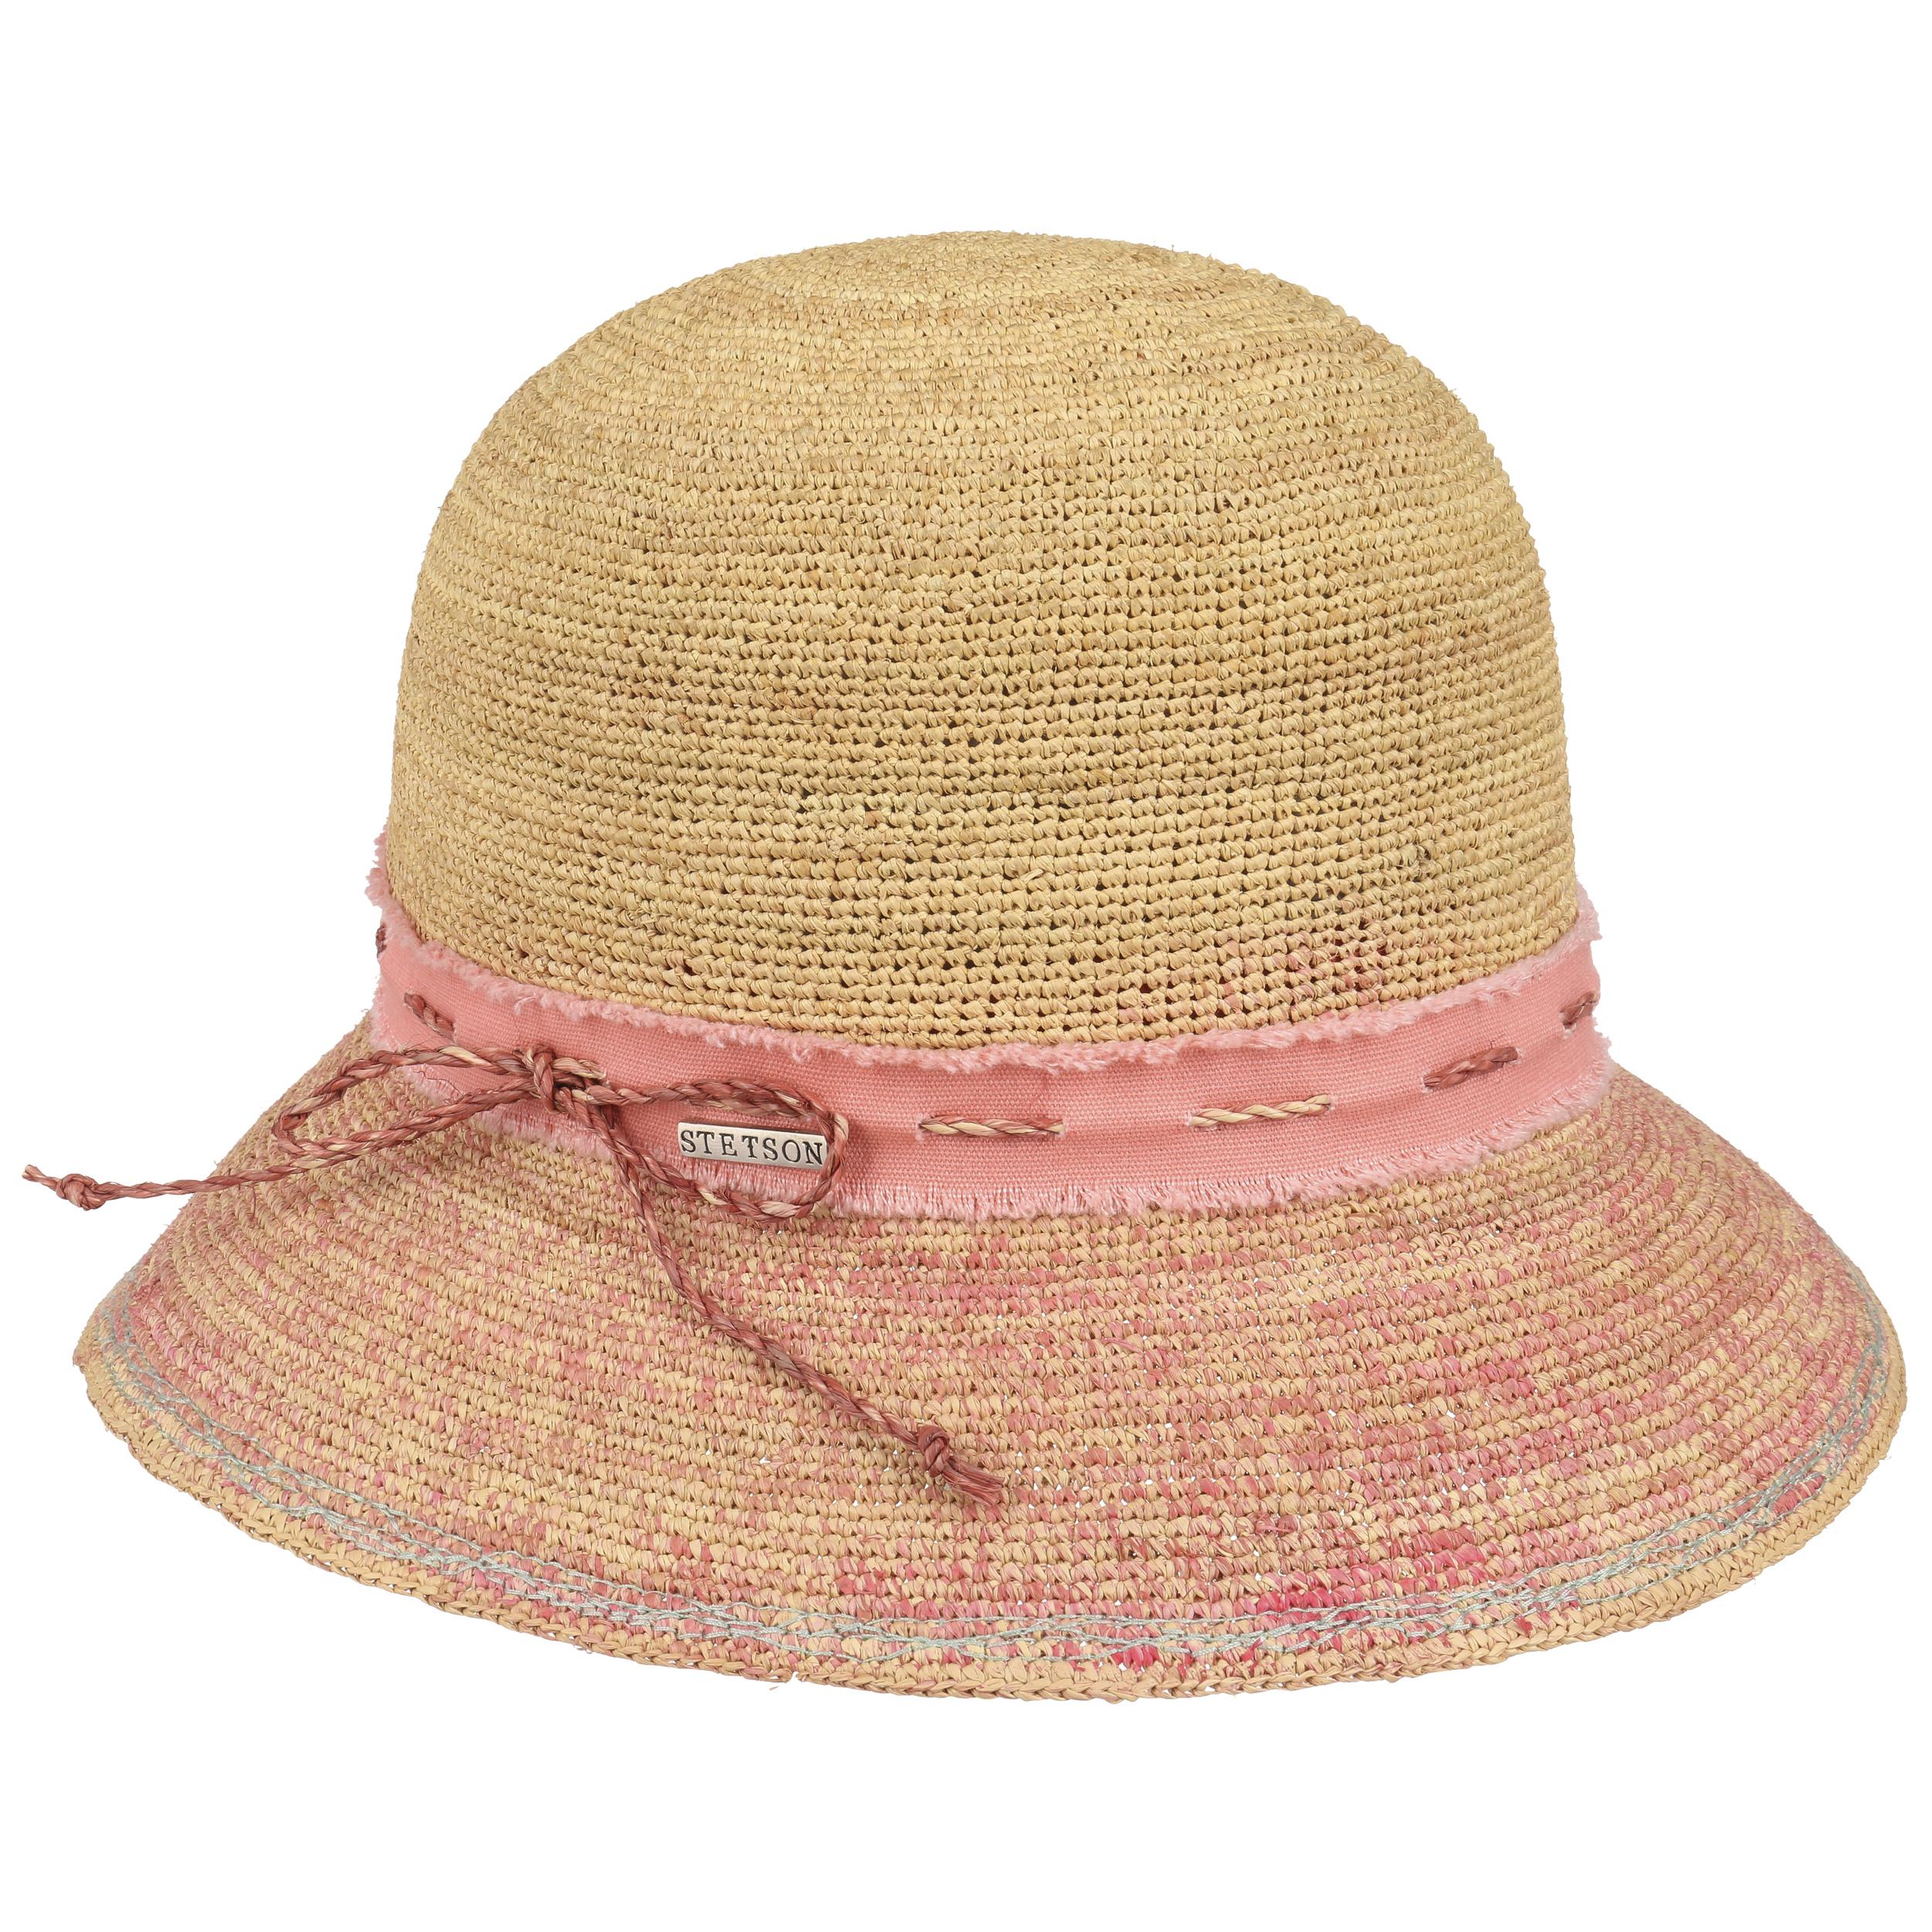 ... Cappello di Paglia Crochet Donna by Stetson - rosa 2 e9ac1b587adb